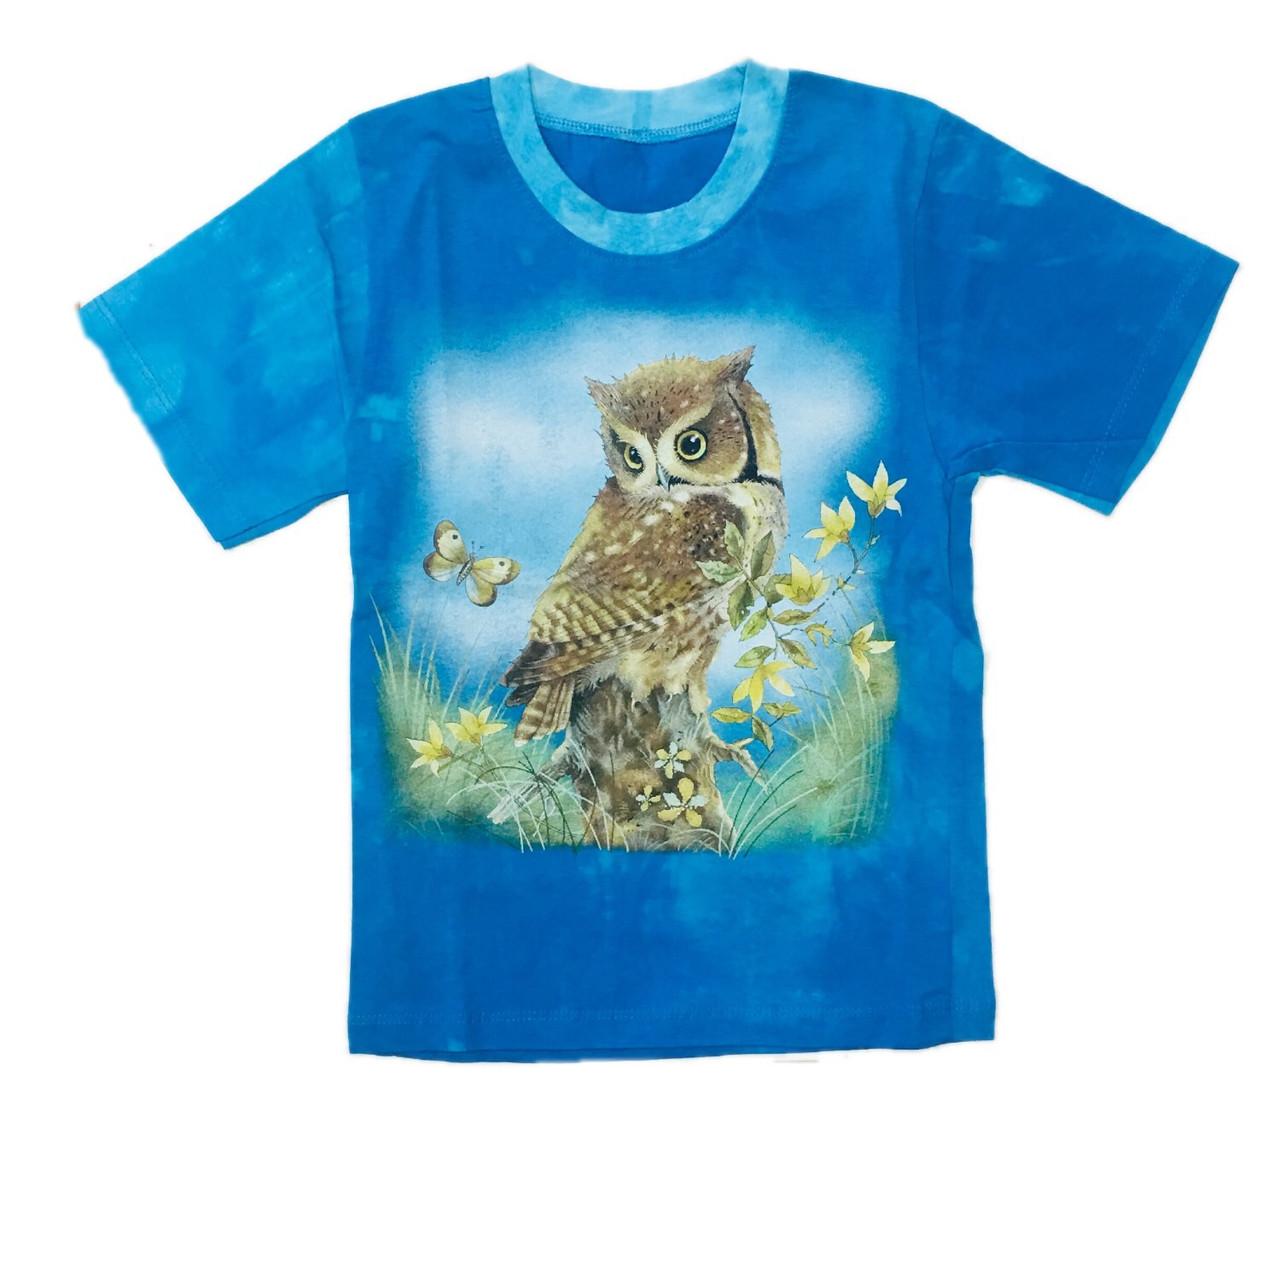 Дитяча футболка для дівчинки, 122см